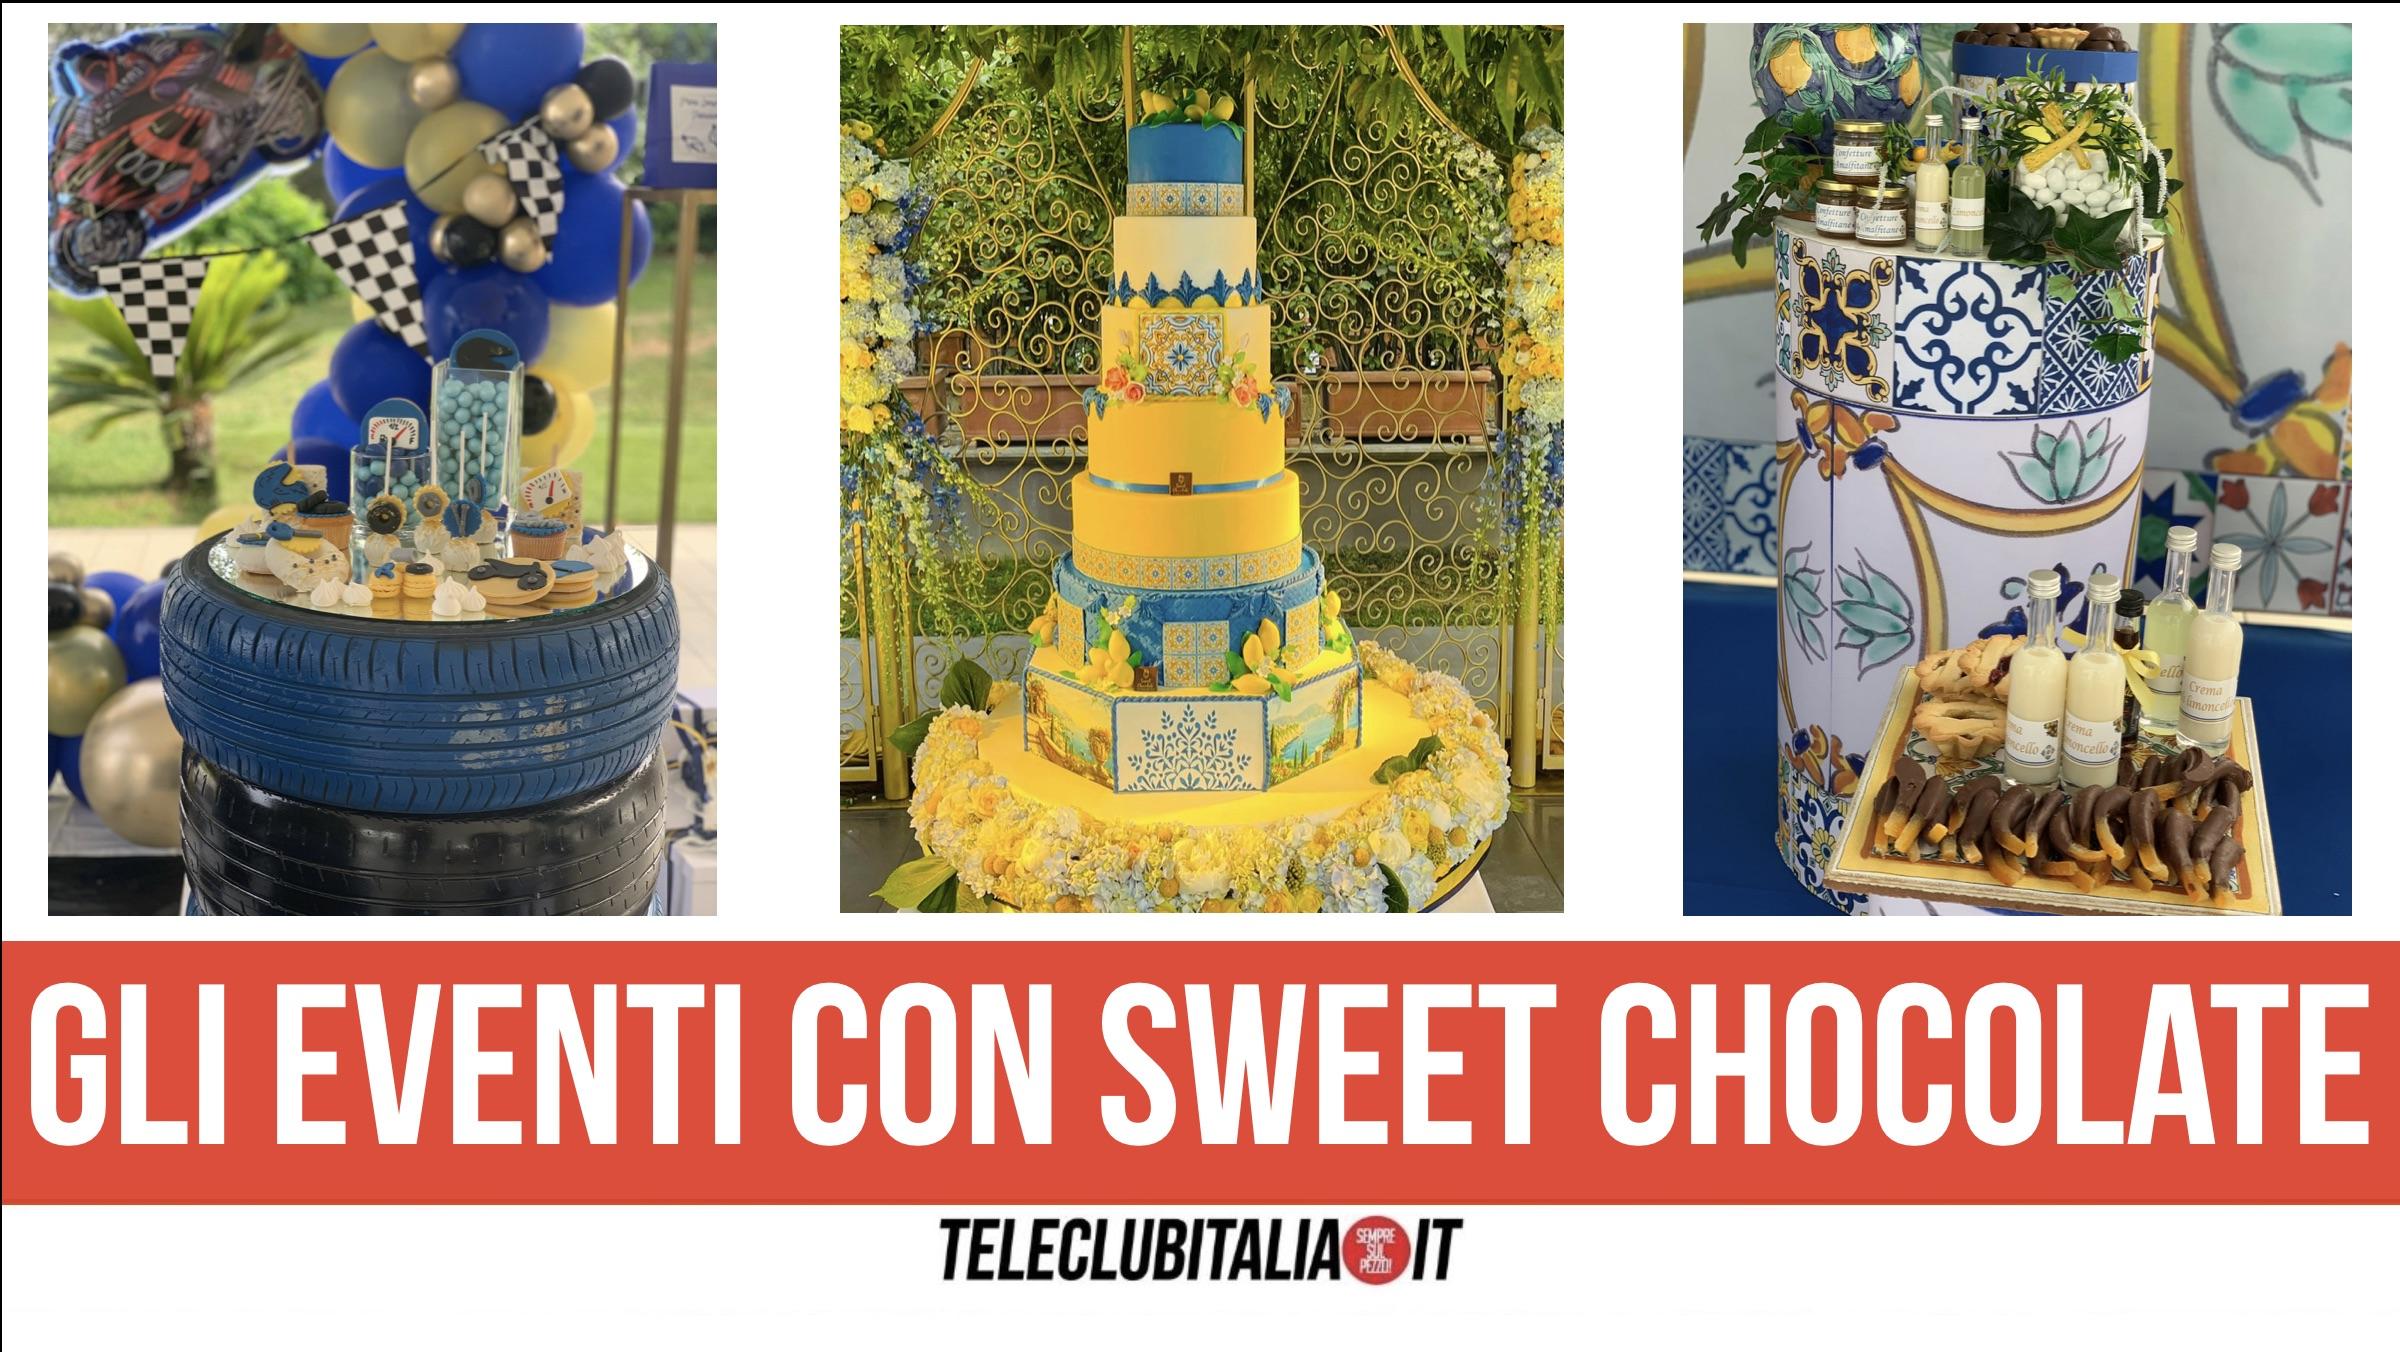 sweet chocolate giugliano pastry chef maria de vito pasticceria eventi planner2